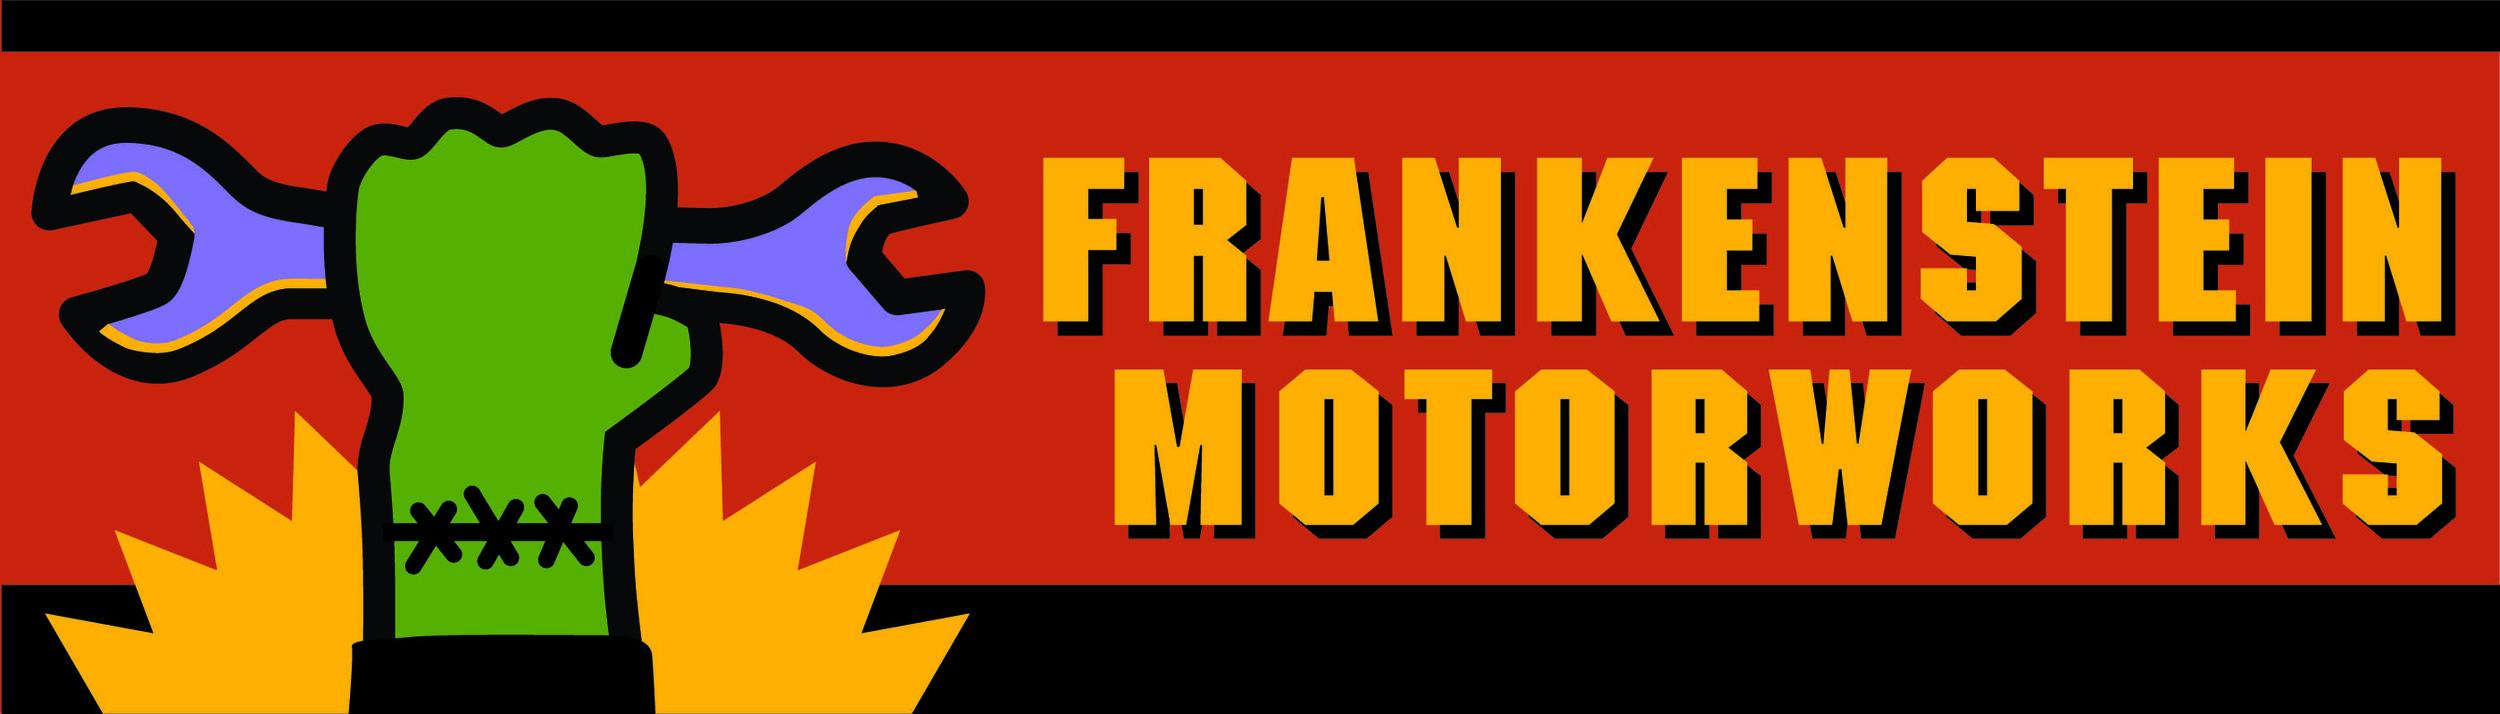 Frankenstein Motorworks